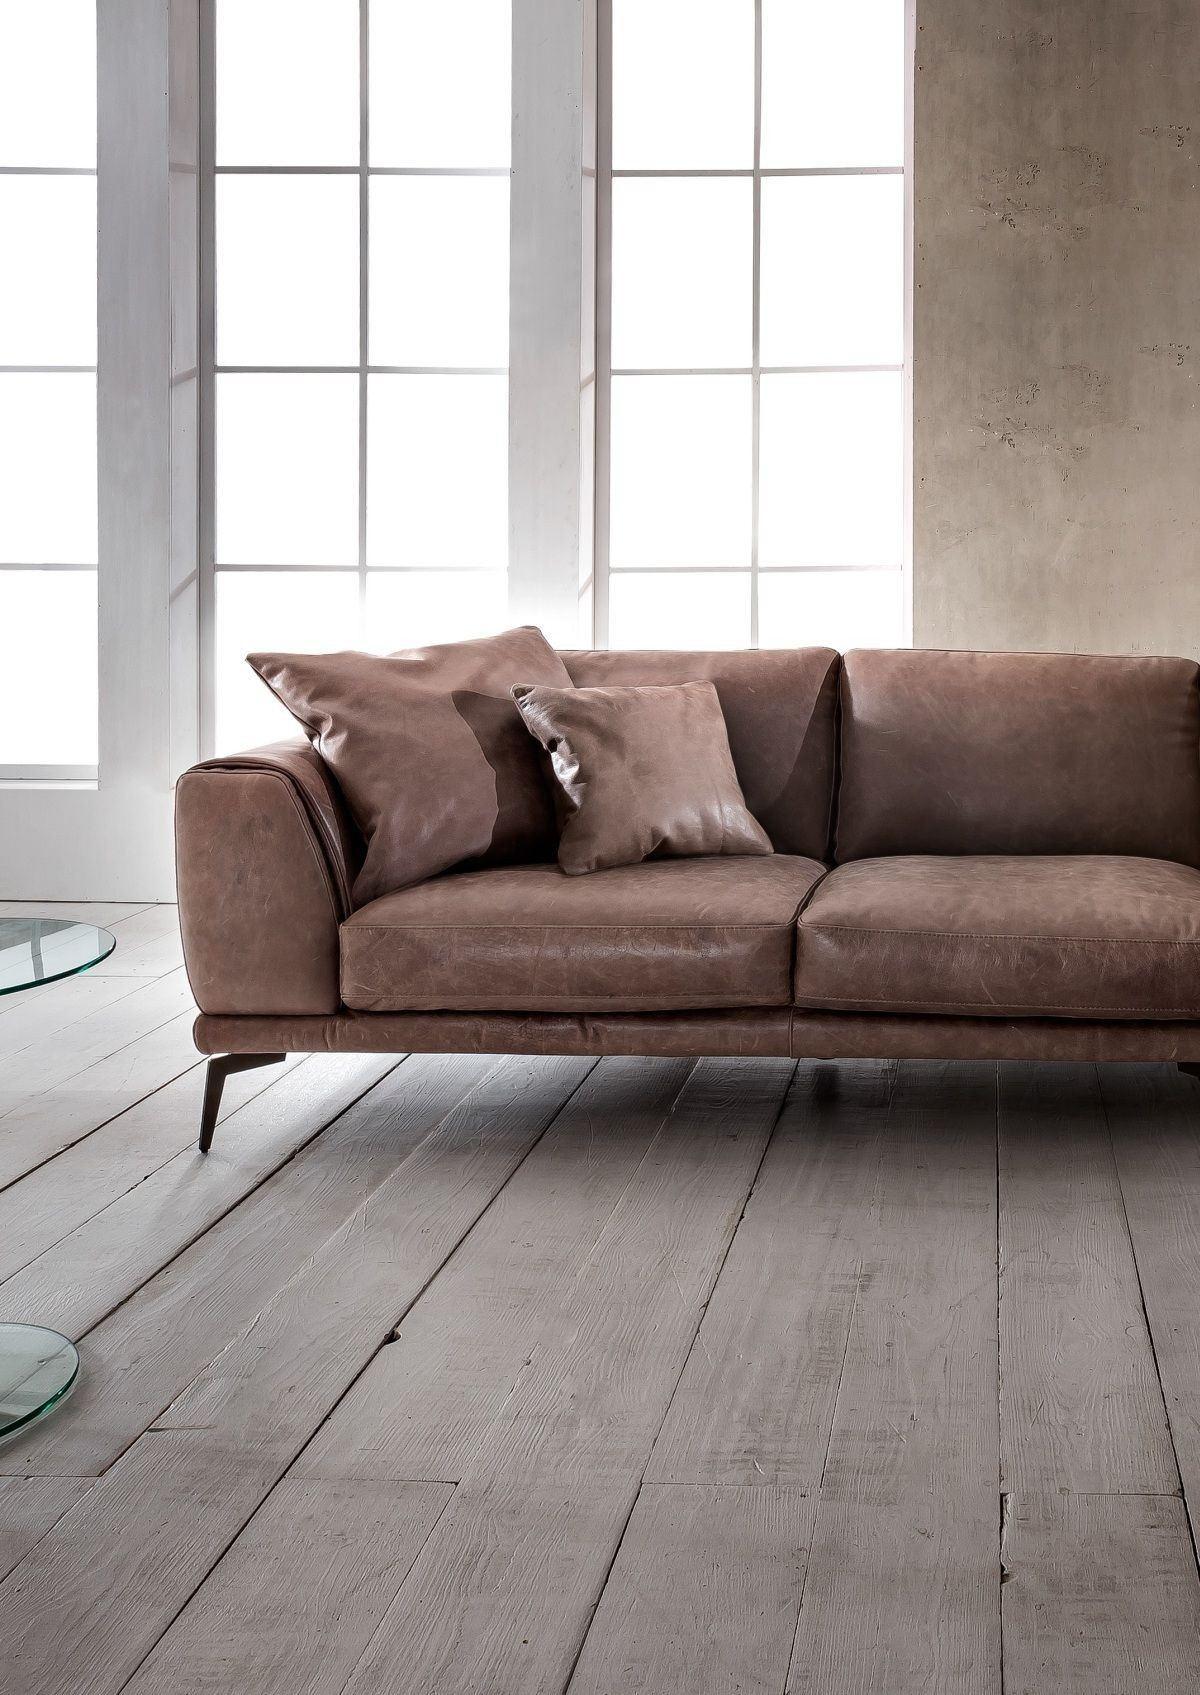 ledersofa hannover l form als leder ecksofa in vielen farben. Black Bedroom Furniture Sets. Home Design Ideas